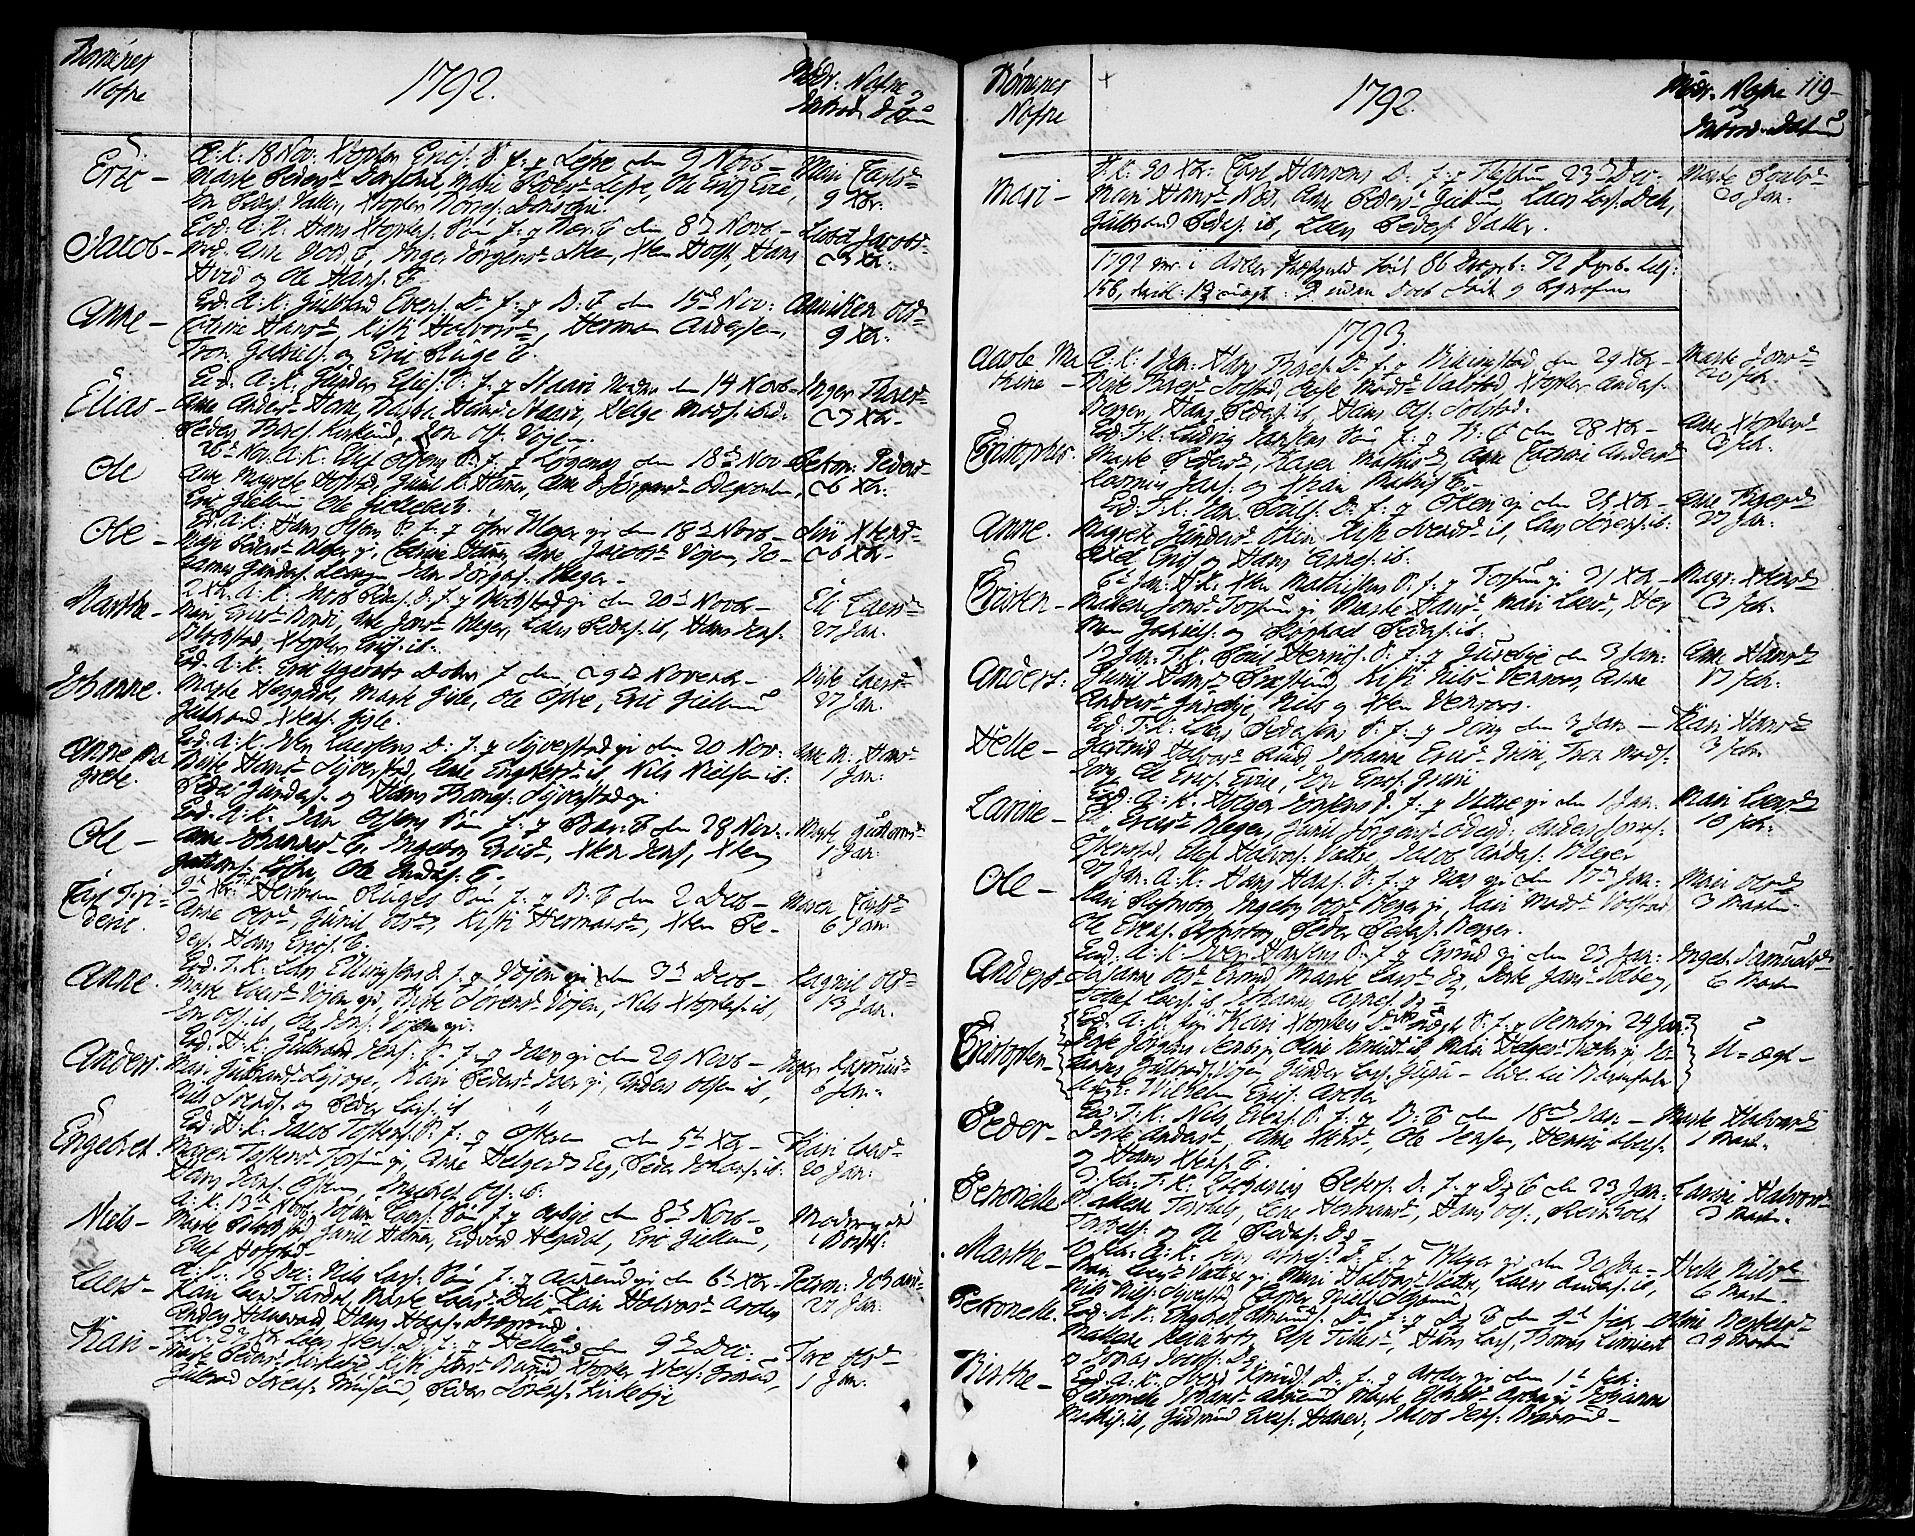 SAO, Asker prestekontor Kirkebøker, F/Fa/L0003: Ministerialbok nr. I 3, 1767-1807, s. 119